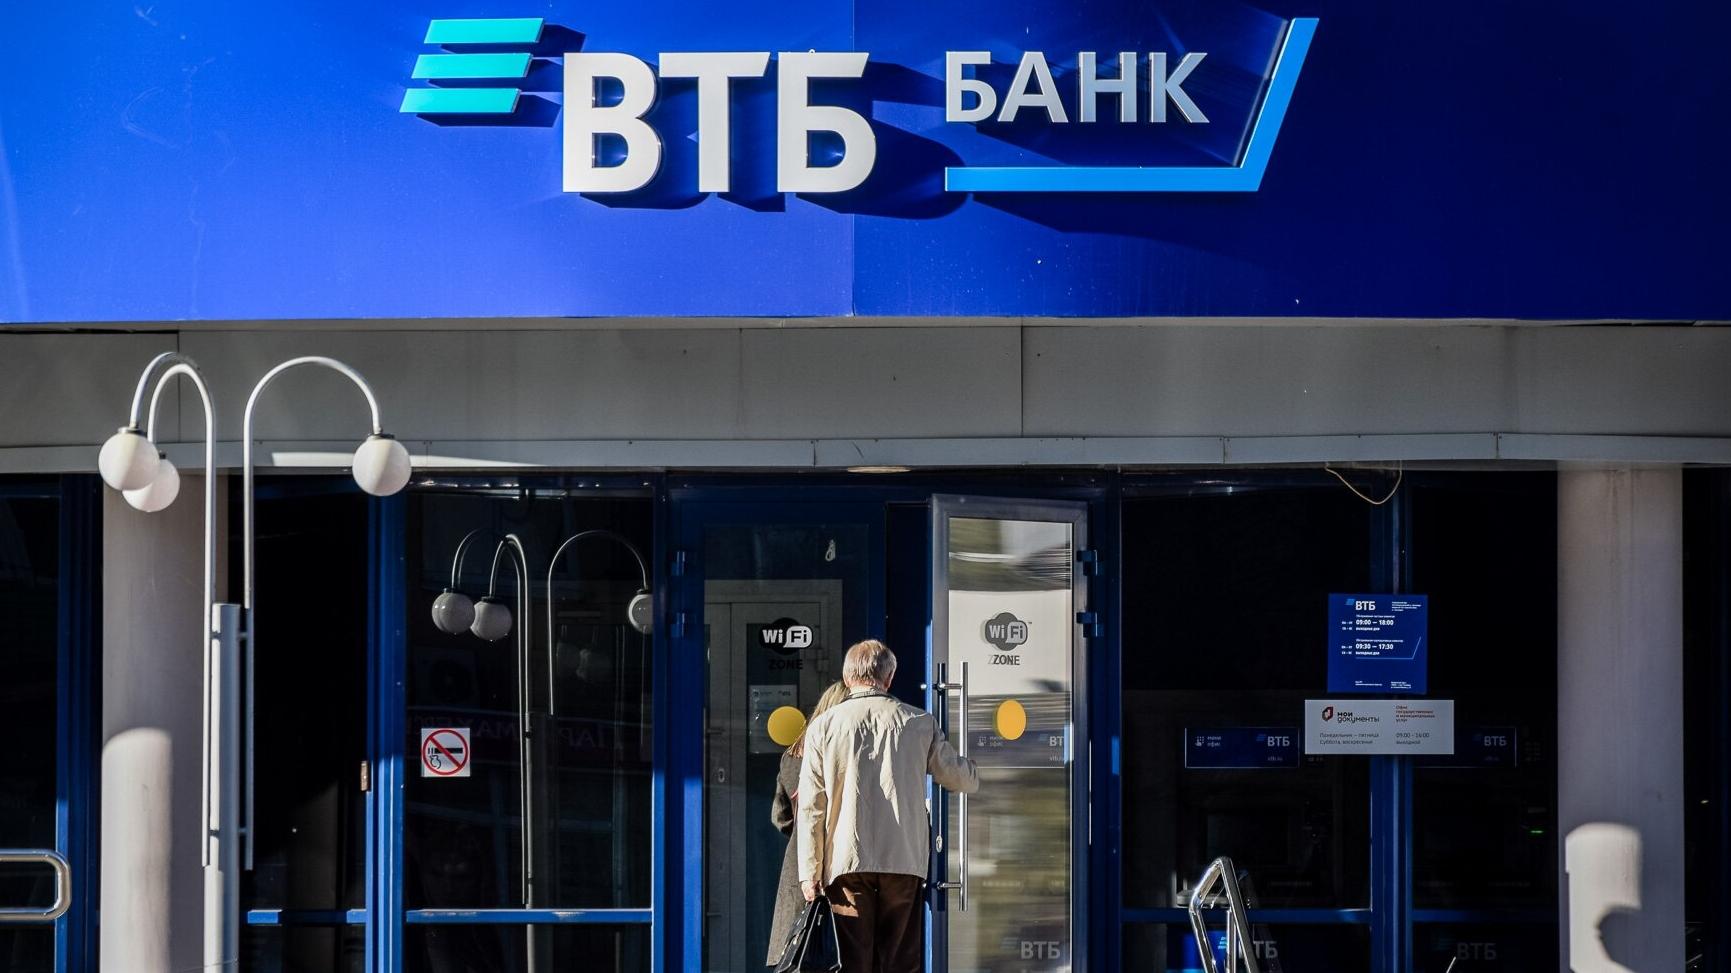 ВТБ Лизинг будет развивать сотрудничество с Беларусью - новости Афанасий